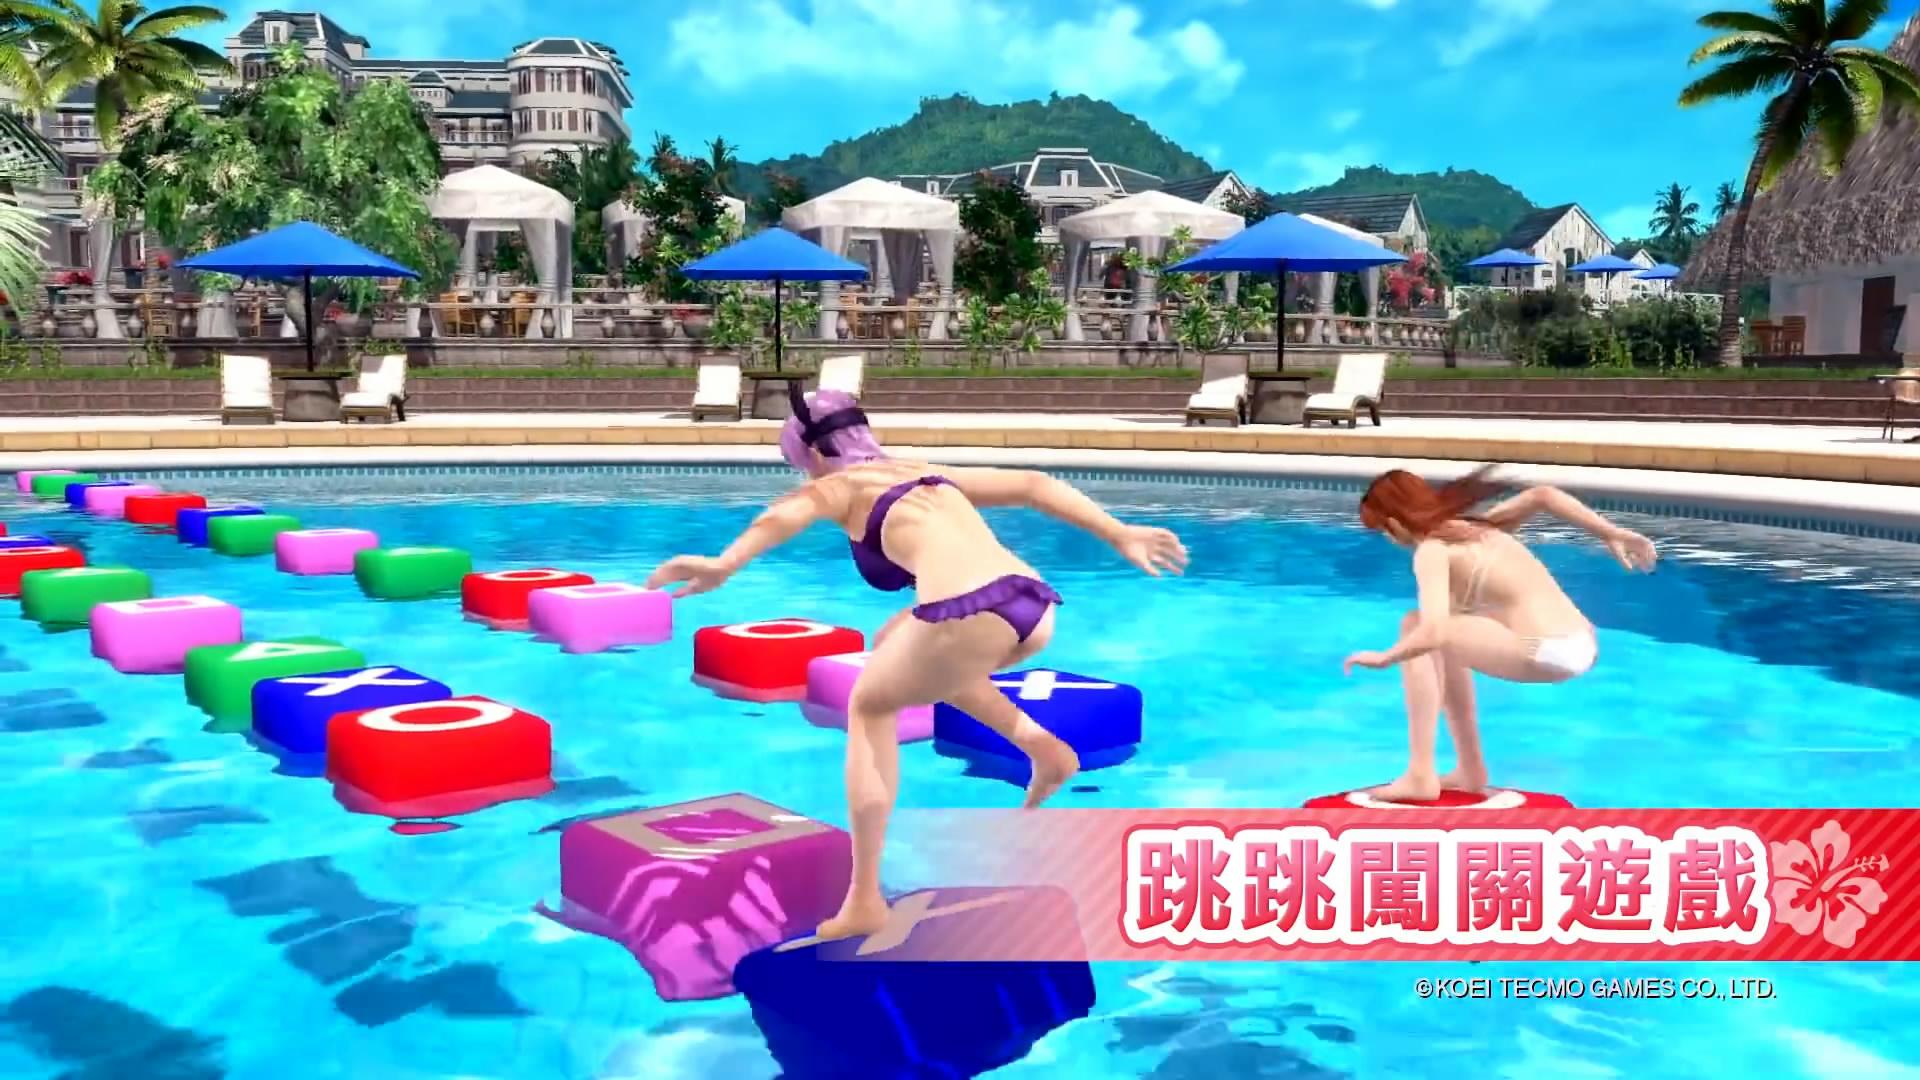 《死或生沙滩排球3:绯红》中文预告 妹纸展现性感身姿